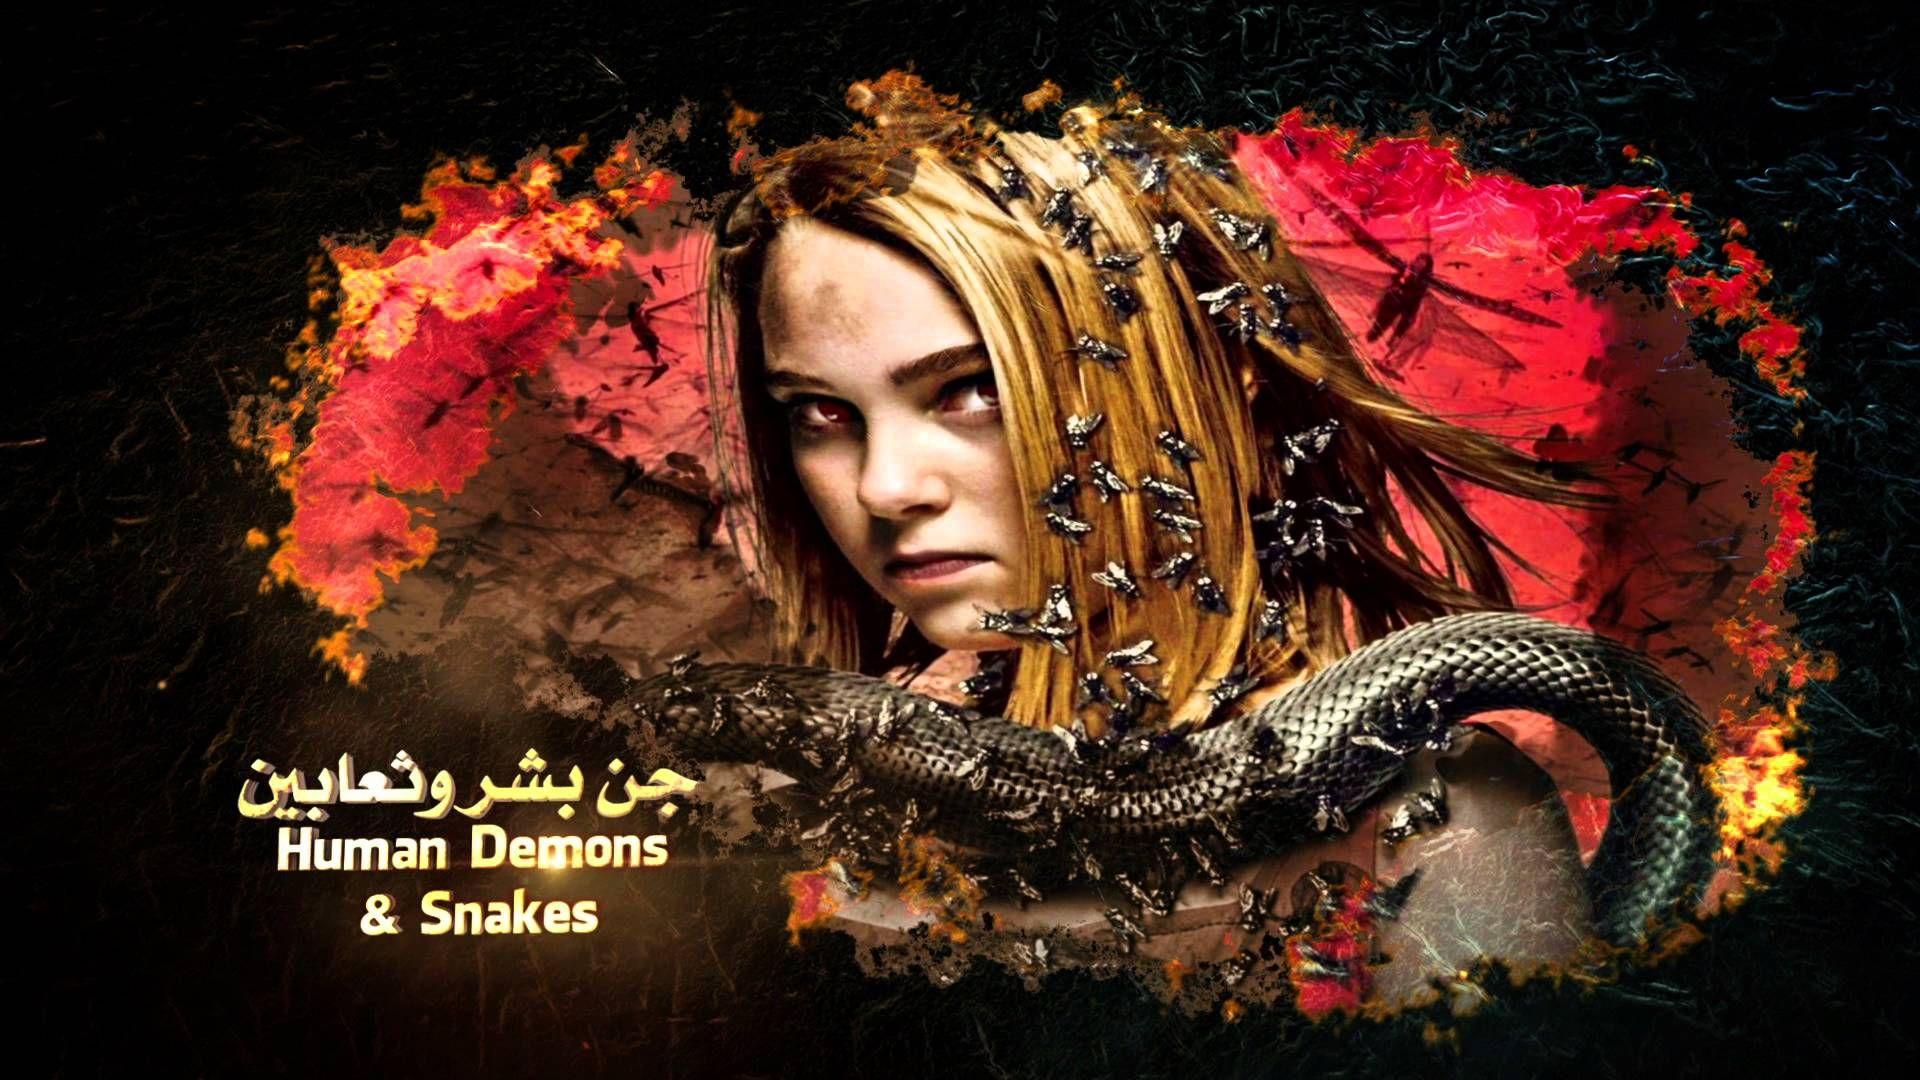 كامل بدوي عالم الثعابين الجن والثعابين Kamel Badawi World Of Snakes Snakes Spirits 18 Movie Posters World Poster